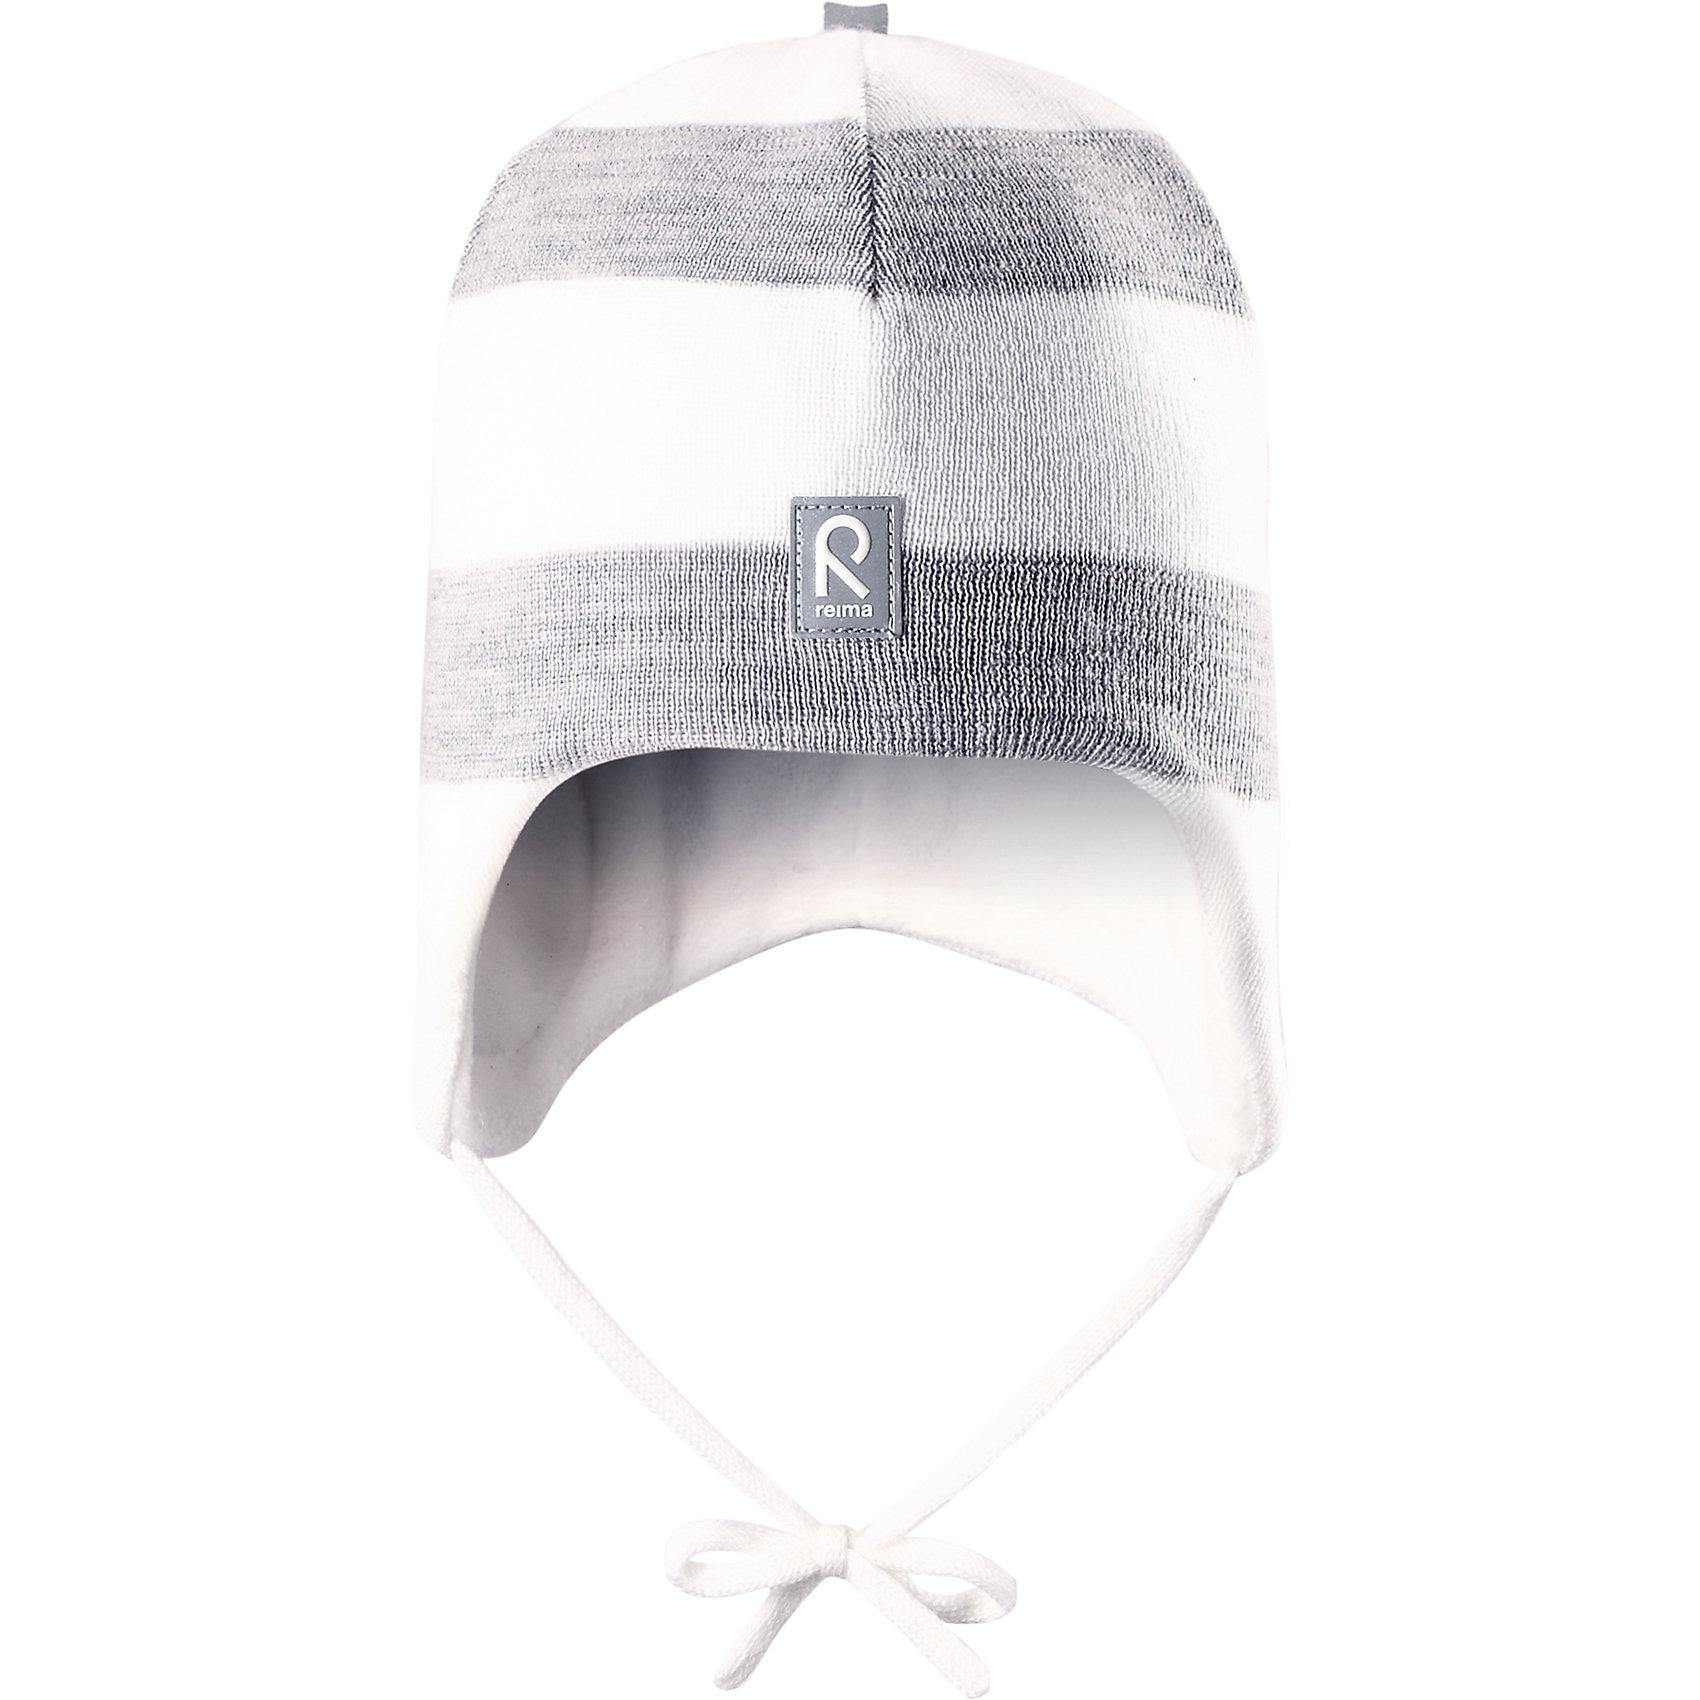 Шапка Auva ReimaШапка  Reima<br>Шапка «Бини» для малышей. Мягкая ткань из мериносовой шерсти для поддержания идеальной температуры тела. Теплая шерстяная вязка (волокно). Основной материал сертифицирован Oeko-Tex, класс 1, одежда для малышей. Ветронепроницаемые вставки в области ушей. Любые размеры. Мягкая теплая подкладка из поларфлиса. Светоотражающие детали сверху.<br>Уход:<br>Стирать по отдельности, вывернув наизнанку. Придать первоначальную форму вo влажном виде. Возможна усадка 5 %.<br>Состав:<br>100% Шерсть<br><br>Ширина мм: 89<br>Глубина мм: 117<br>Высота мм: 44<br>Вес г: 155<br>Цвет: белый<br>Возраст от месяцев: 9<br>Возраст до месяцев: 18<br>Пол: Унисекс<br>Возраст: Детский<br>Размер: 48,50,46,52<br>SKU: 4777087